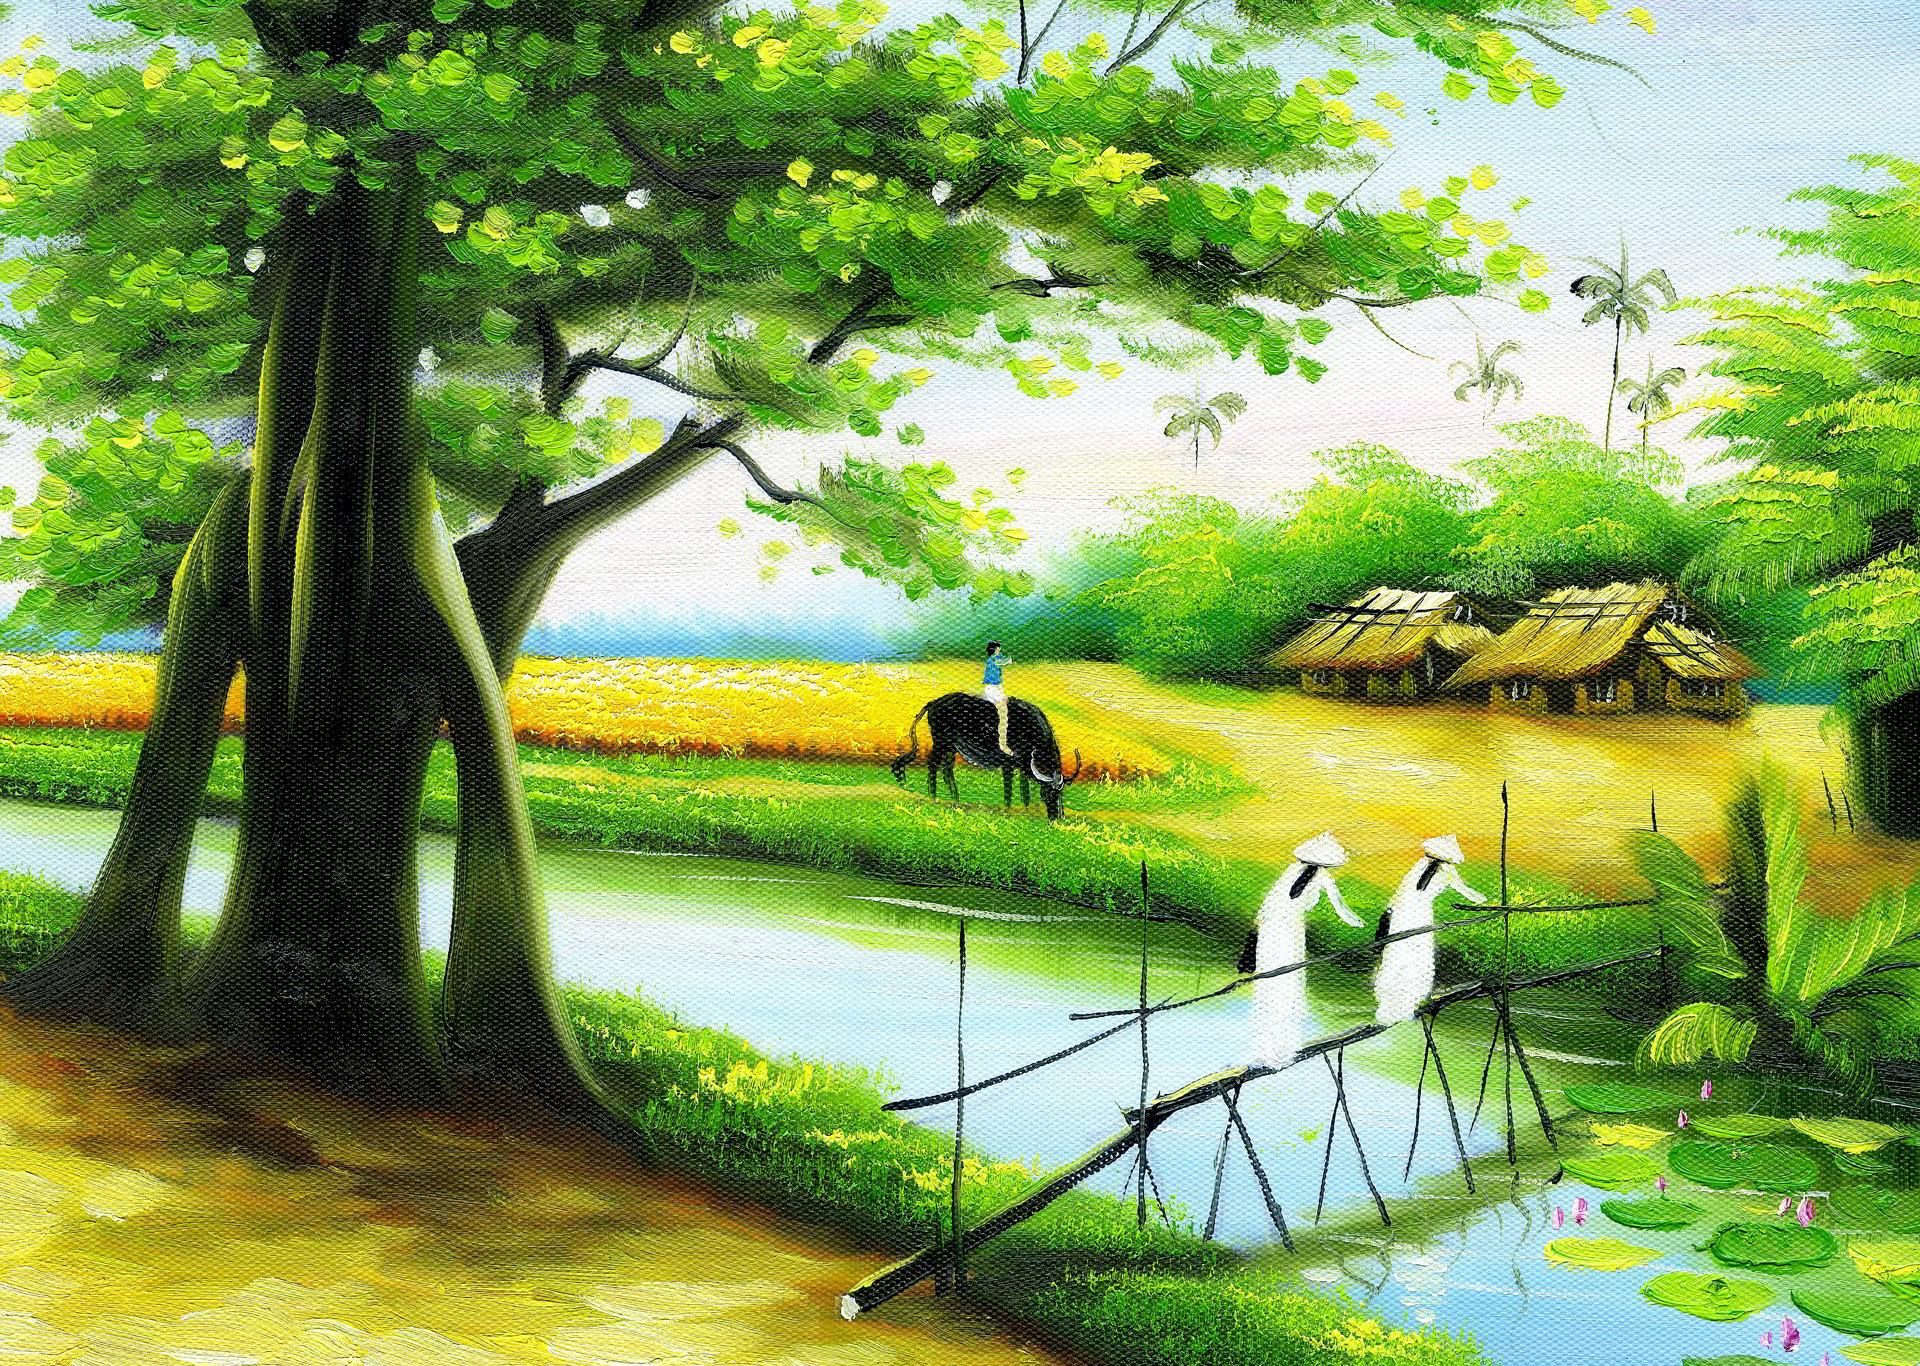 hình ảnh nông thôn việt nam